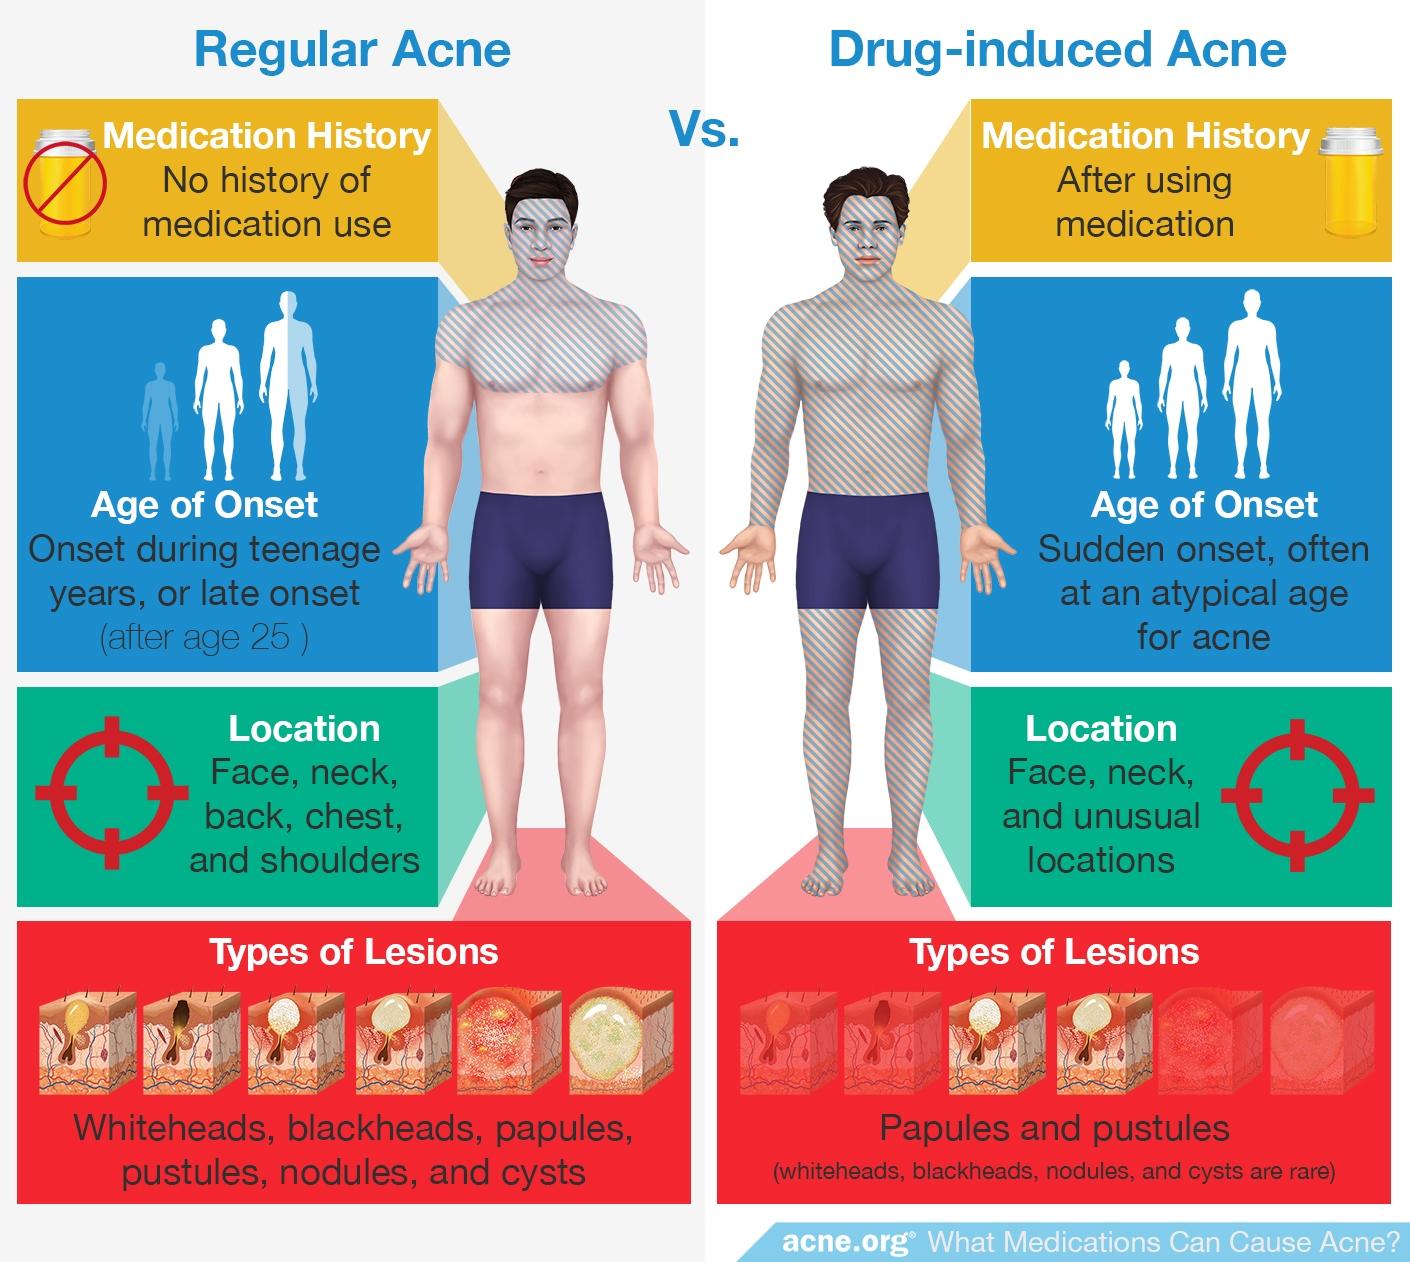 Regular Acne vs. Drug-induced Acne